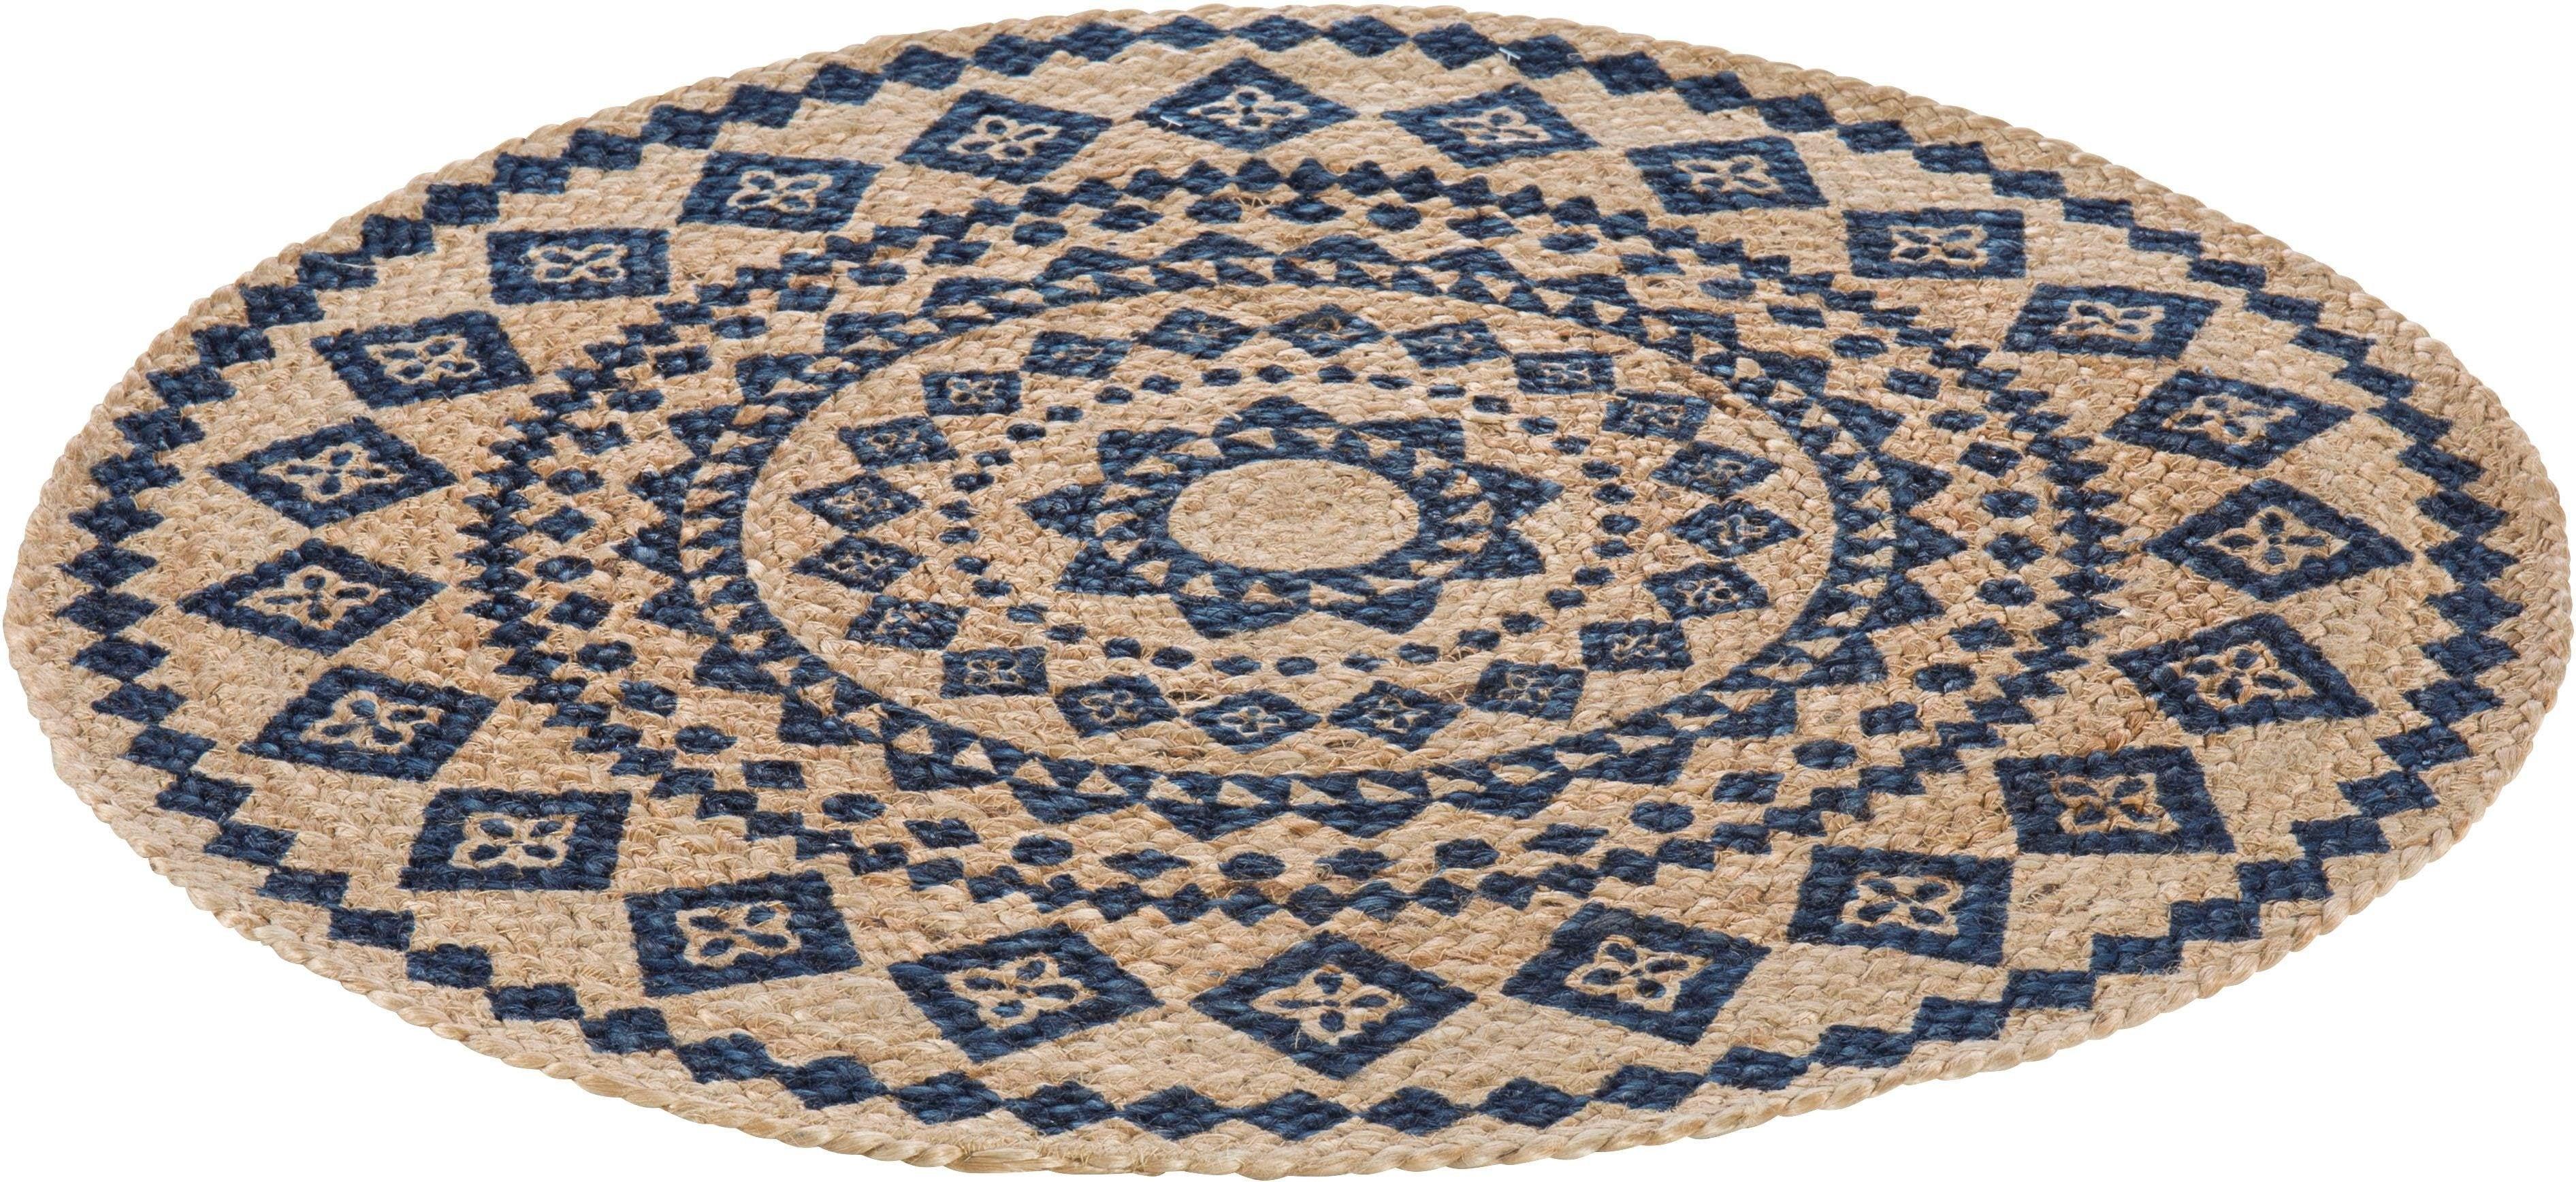 Teppich Mamda LUXOR living rund Höhe 4 mm maschinell geknüpft